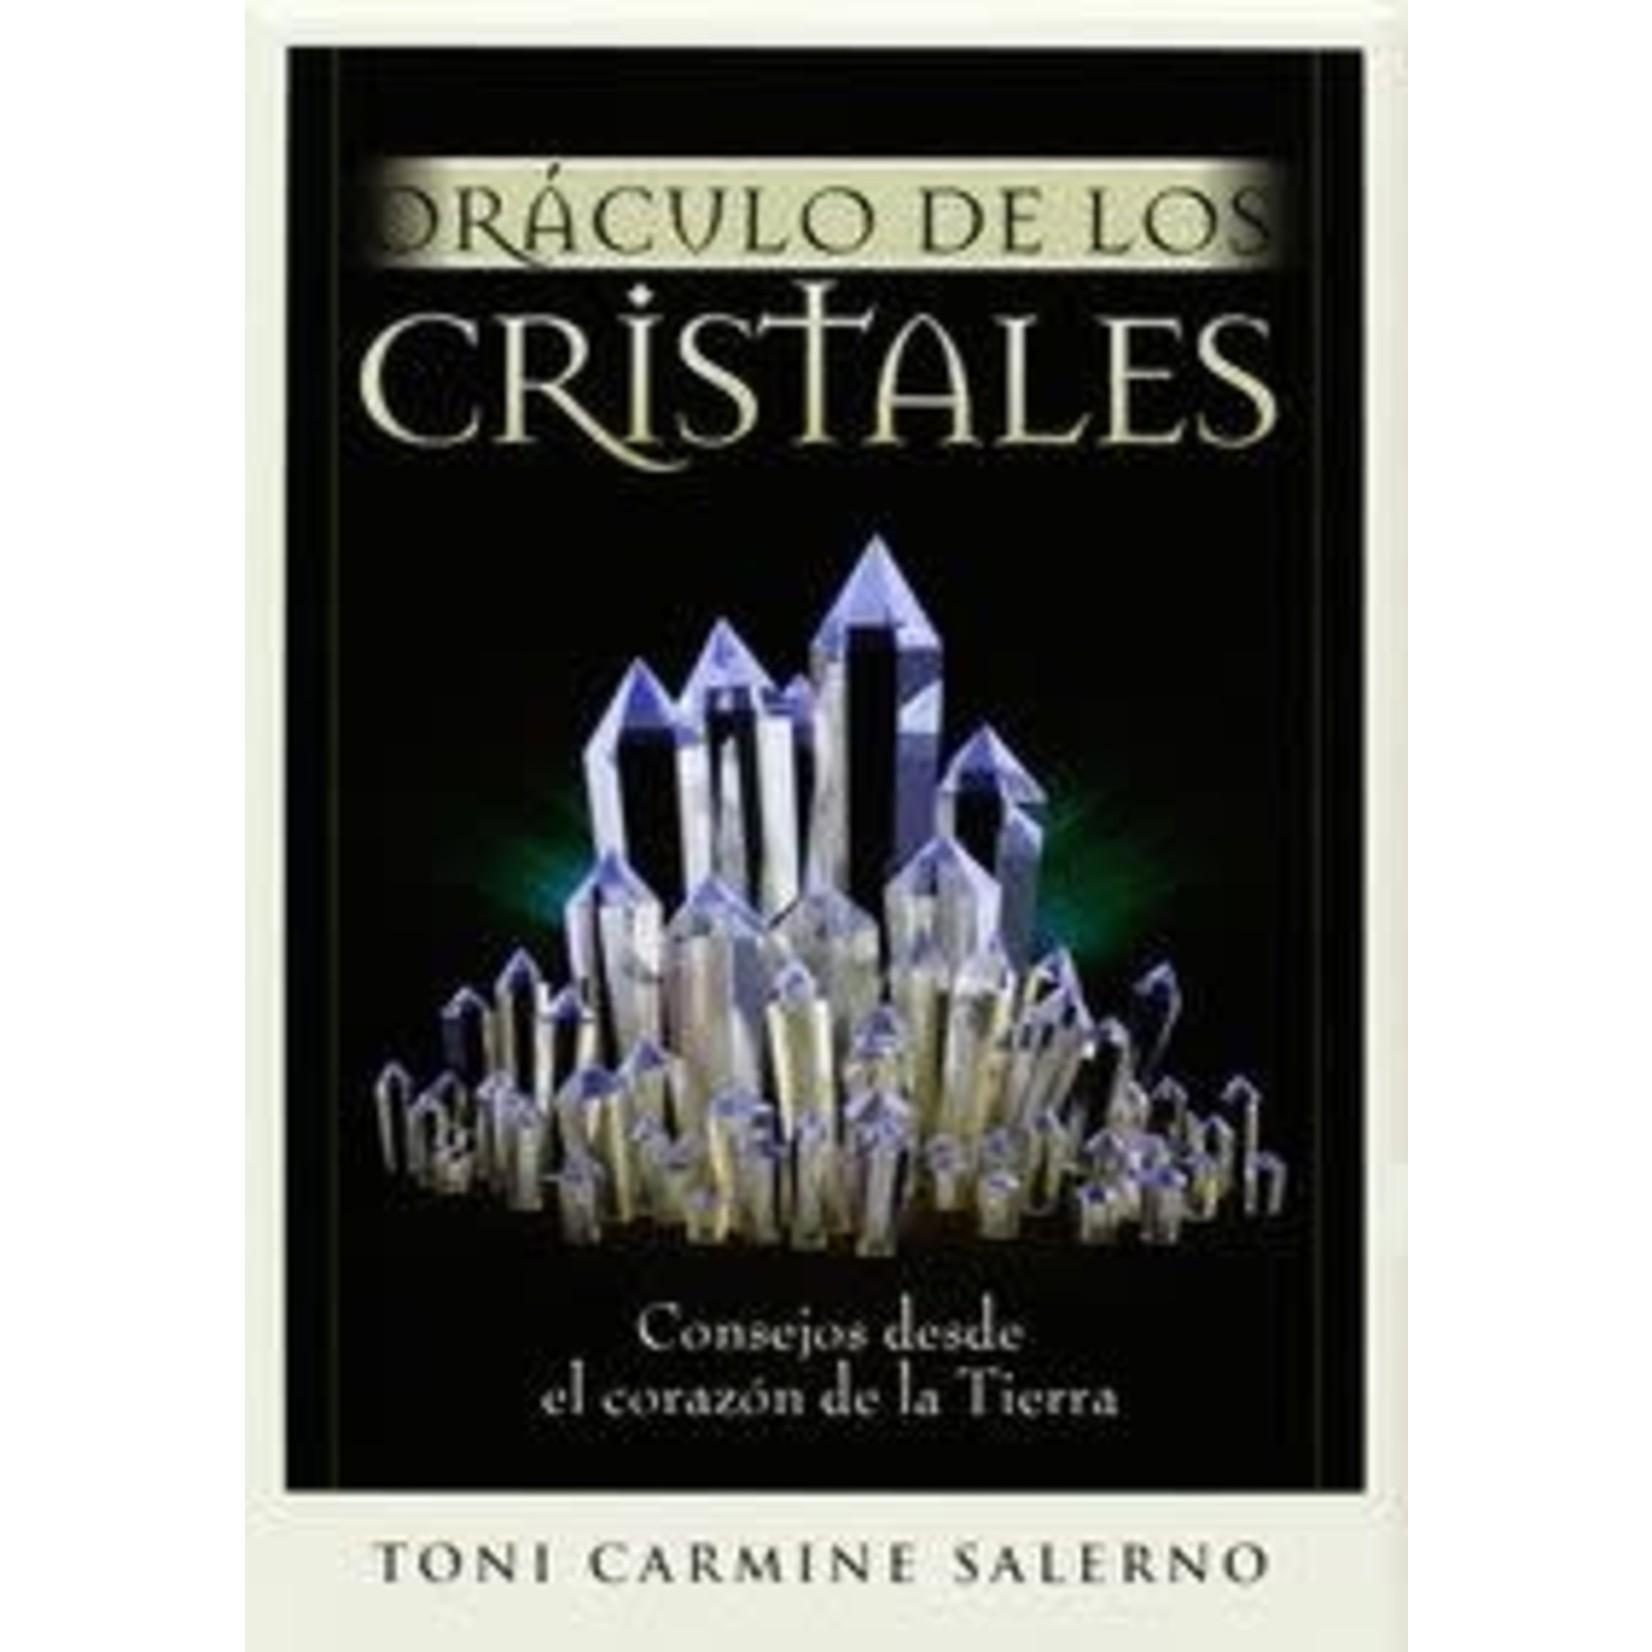 ORACULO DE LOS CRISTALES